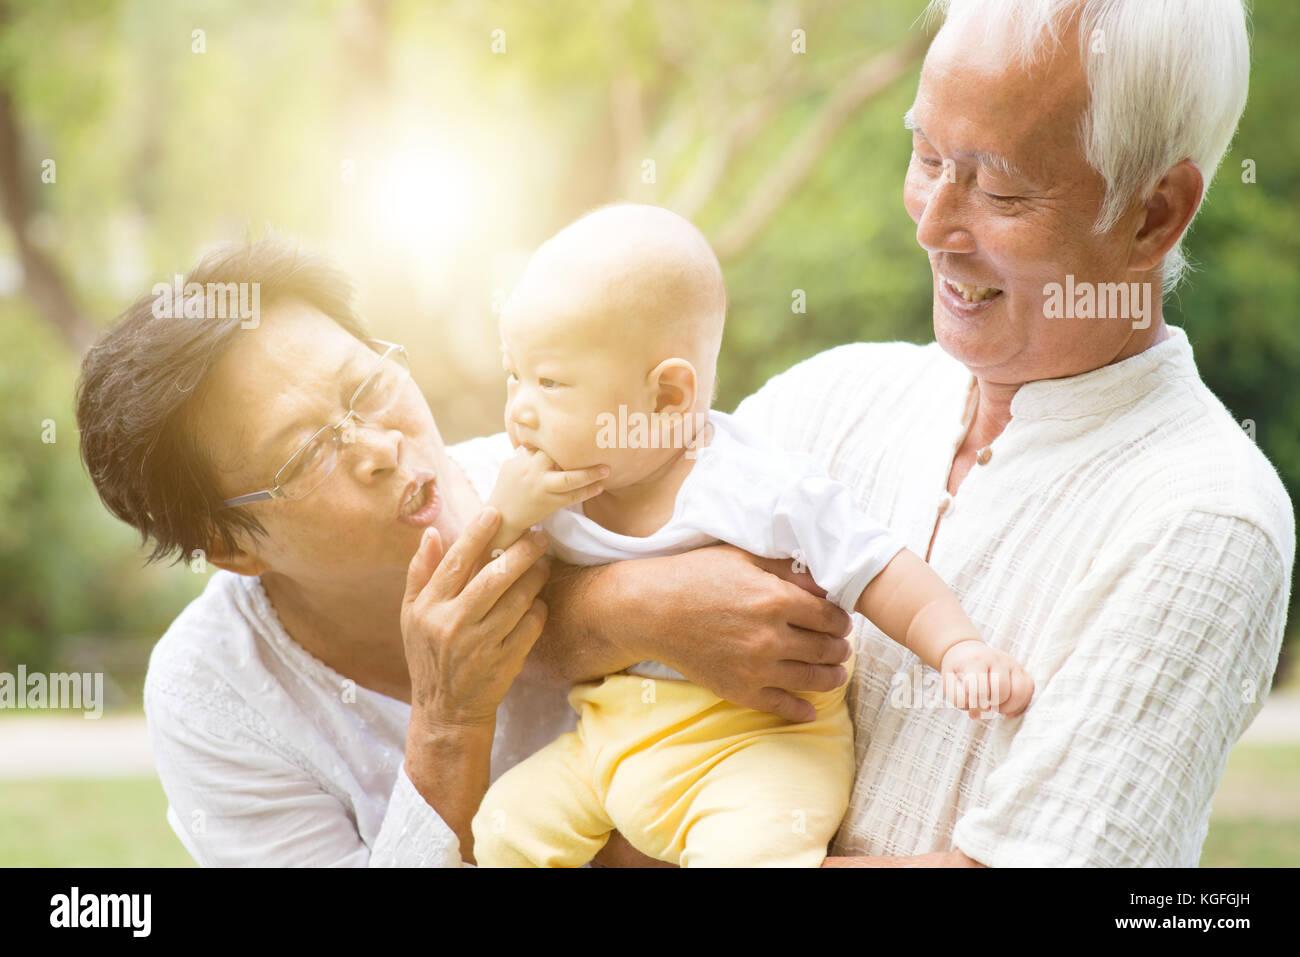 Les grands-parents s'occuper de ses petits-enfants en extérieur parc. asian family, concept d'assurance-vie. Banque D'Images